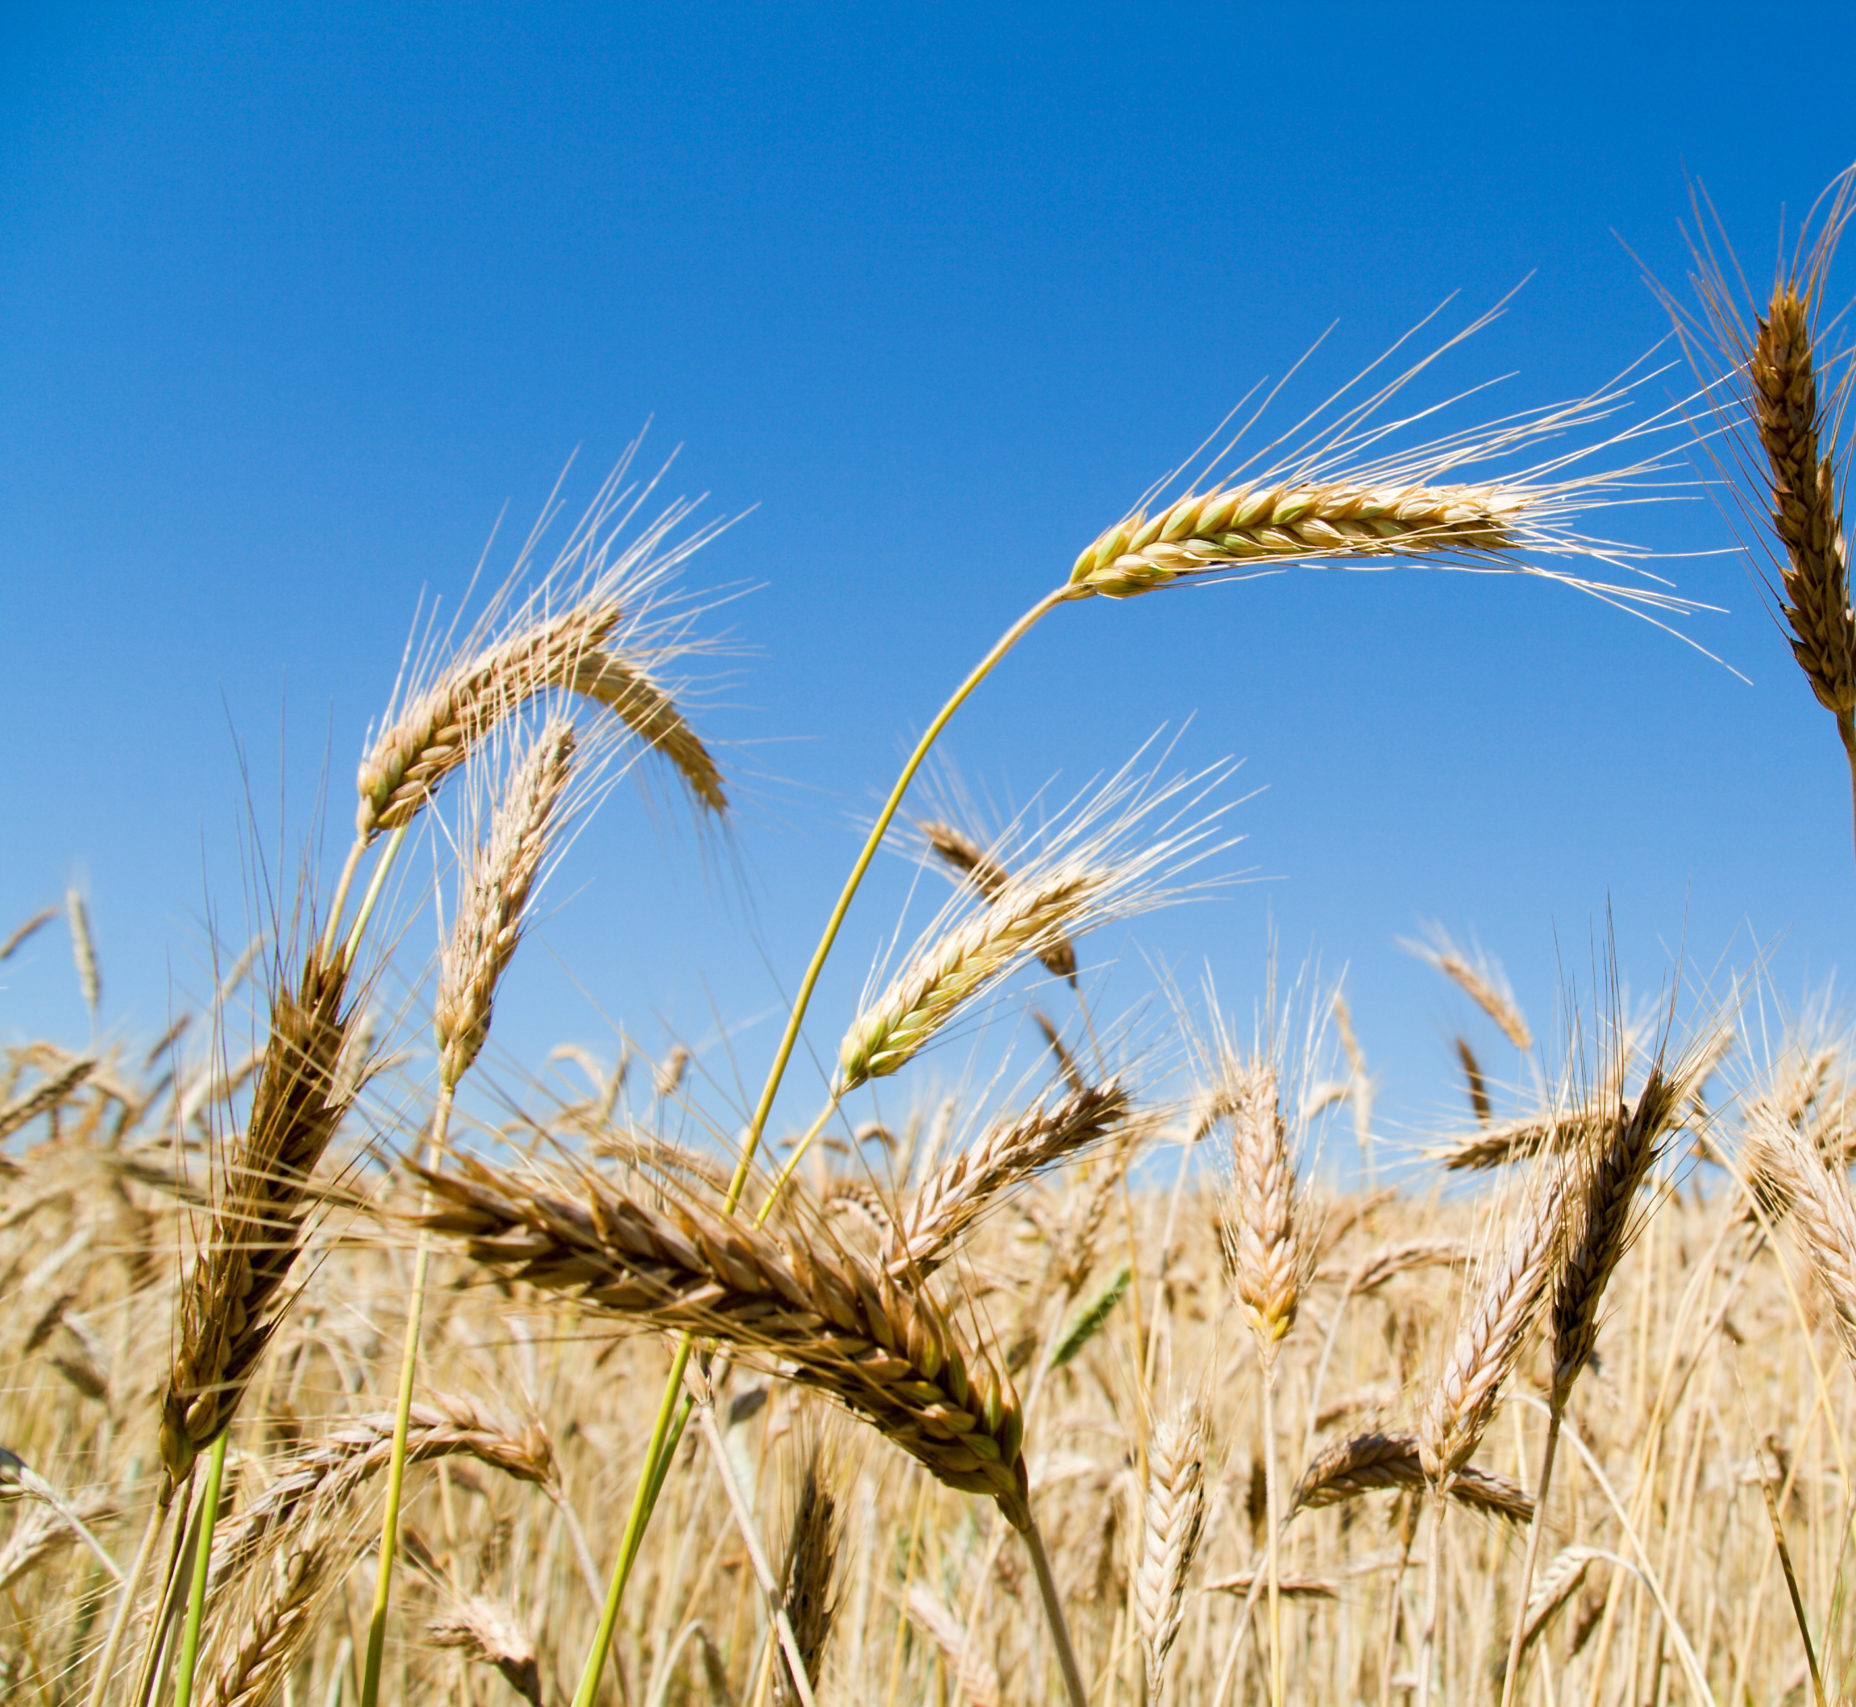 ein reifes Getreidefeld mit einzelnen Ähren, die herausstechen, vor blitzblauem Himmel